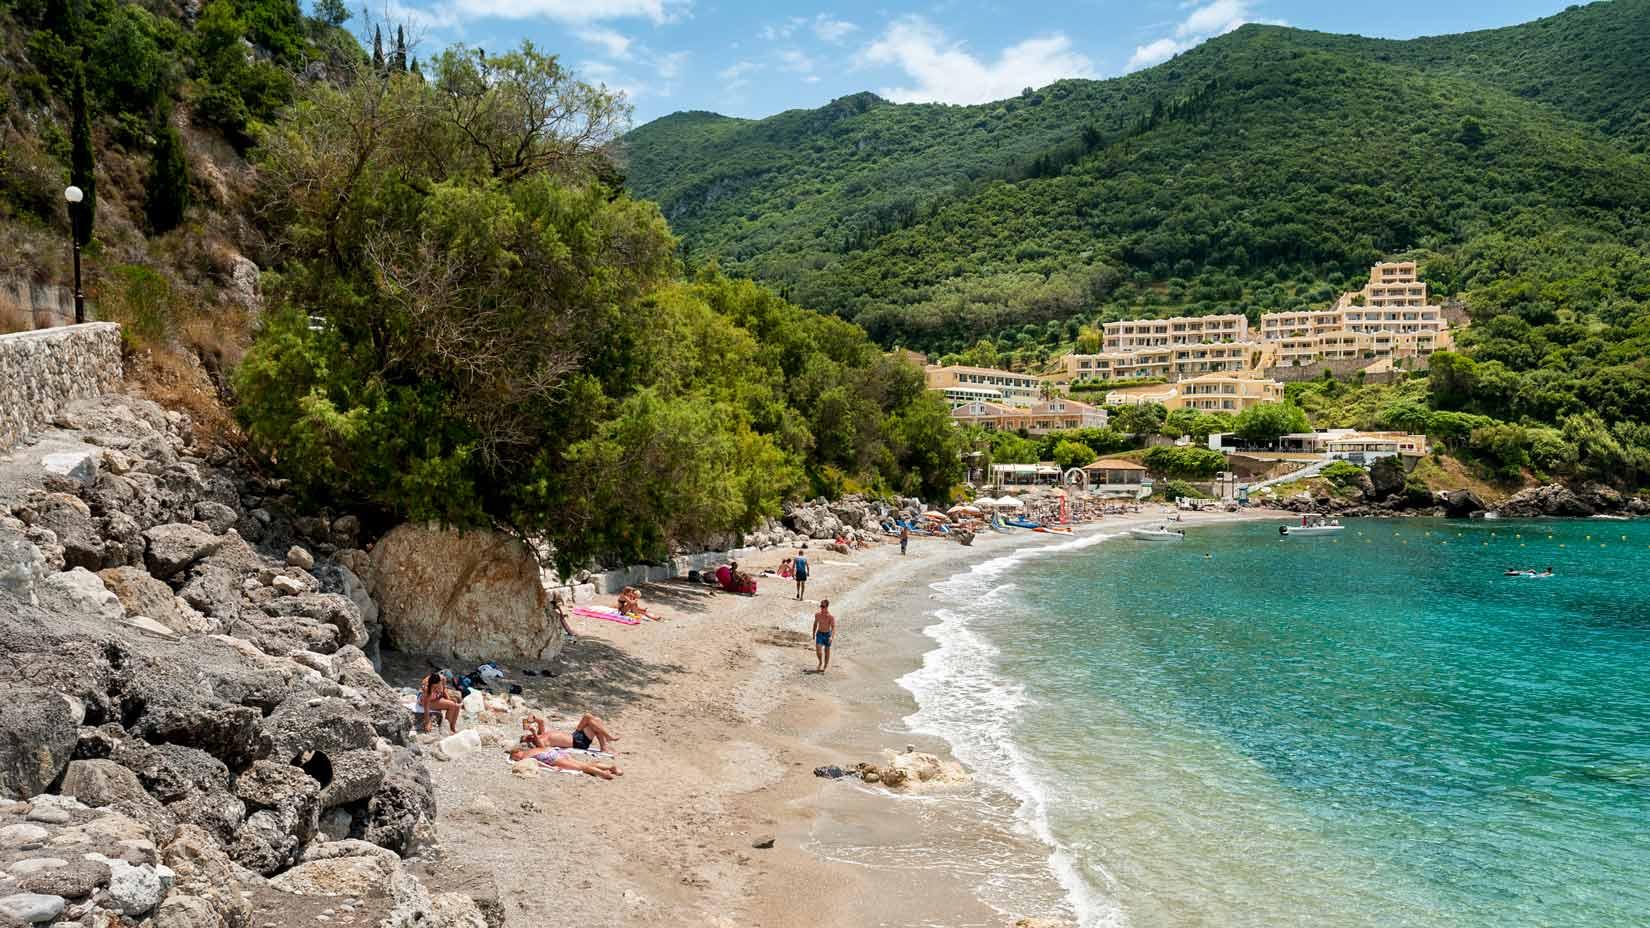 Pláž Ermones, velice příjemná, oblázková s dobrým vstupem do vody.